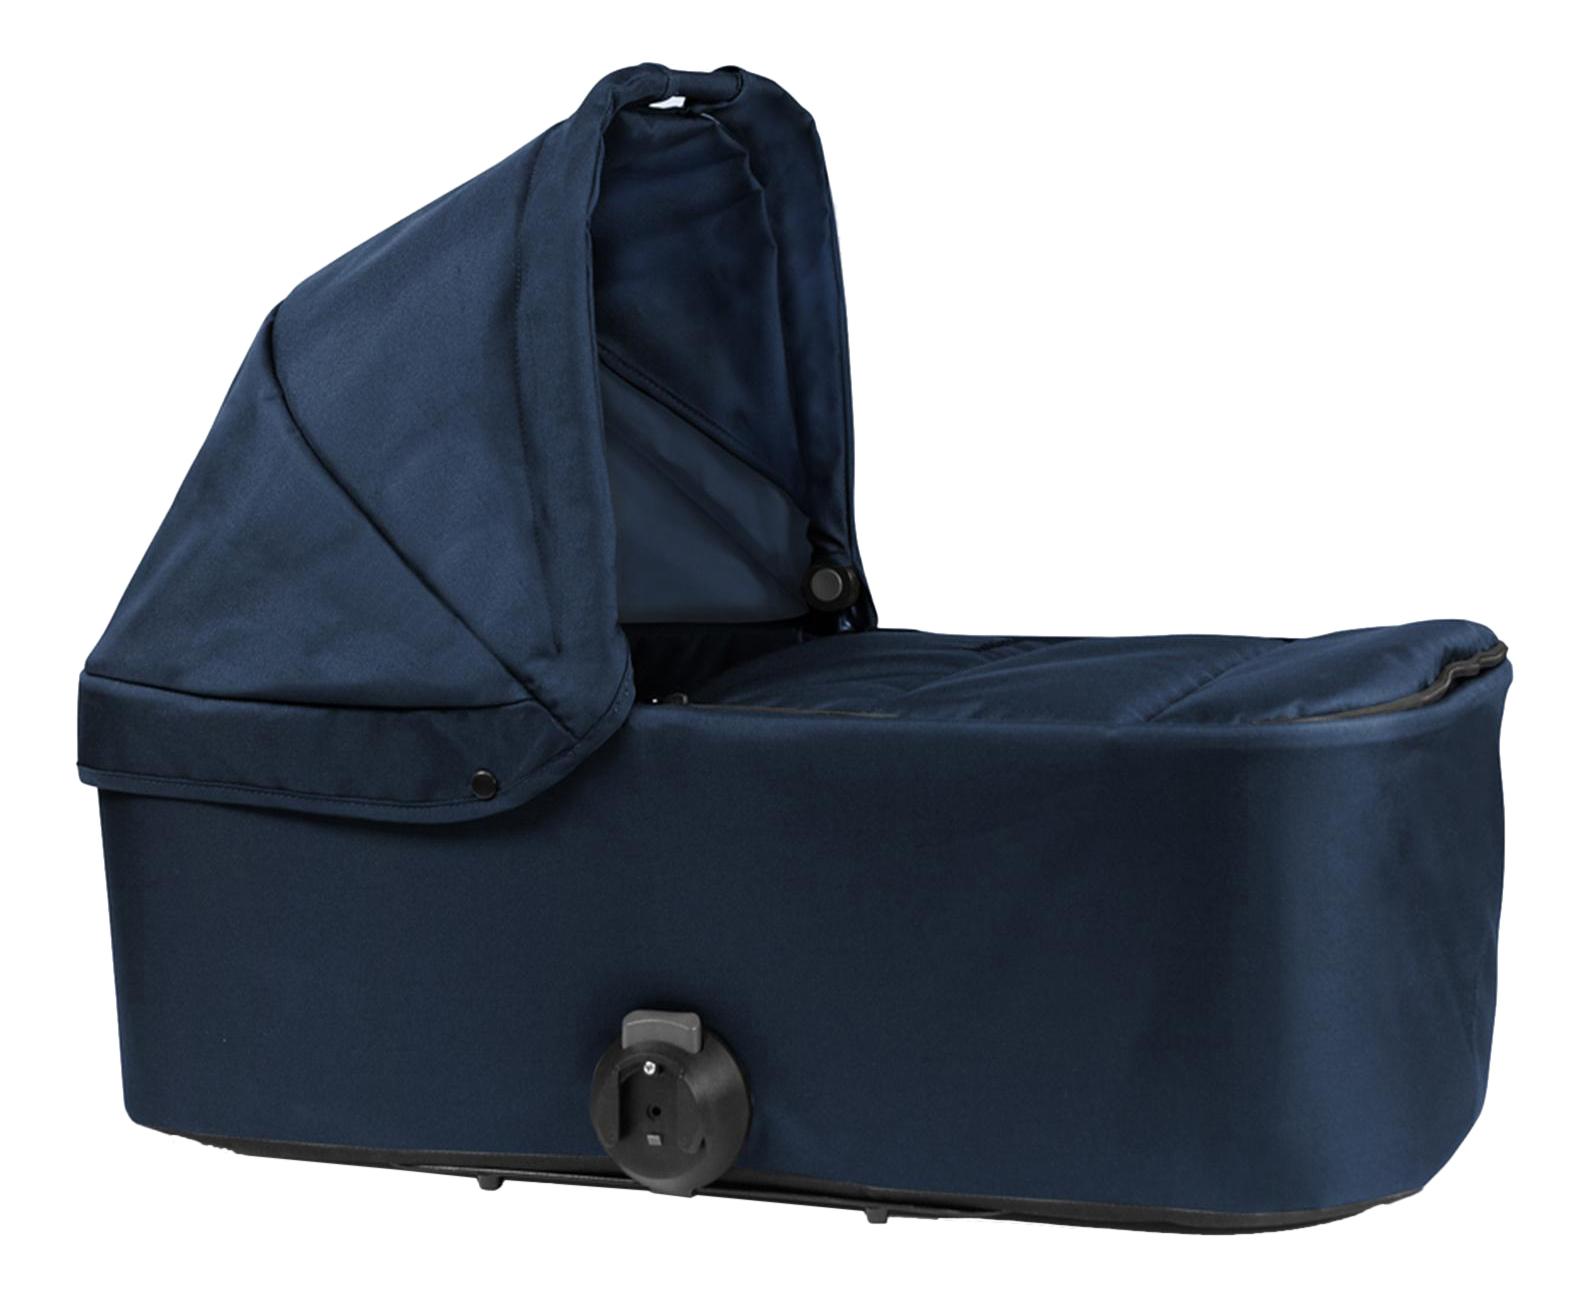 Купить Carrycot Maritime Blue для Indie & Speed, Люлька Bumbleride Carrycot Maritime Blue для Indie and Speed,